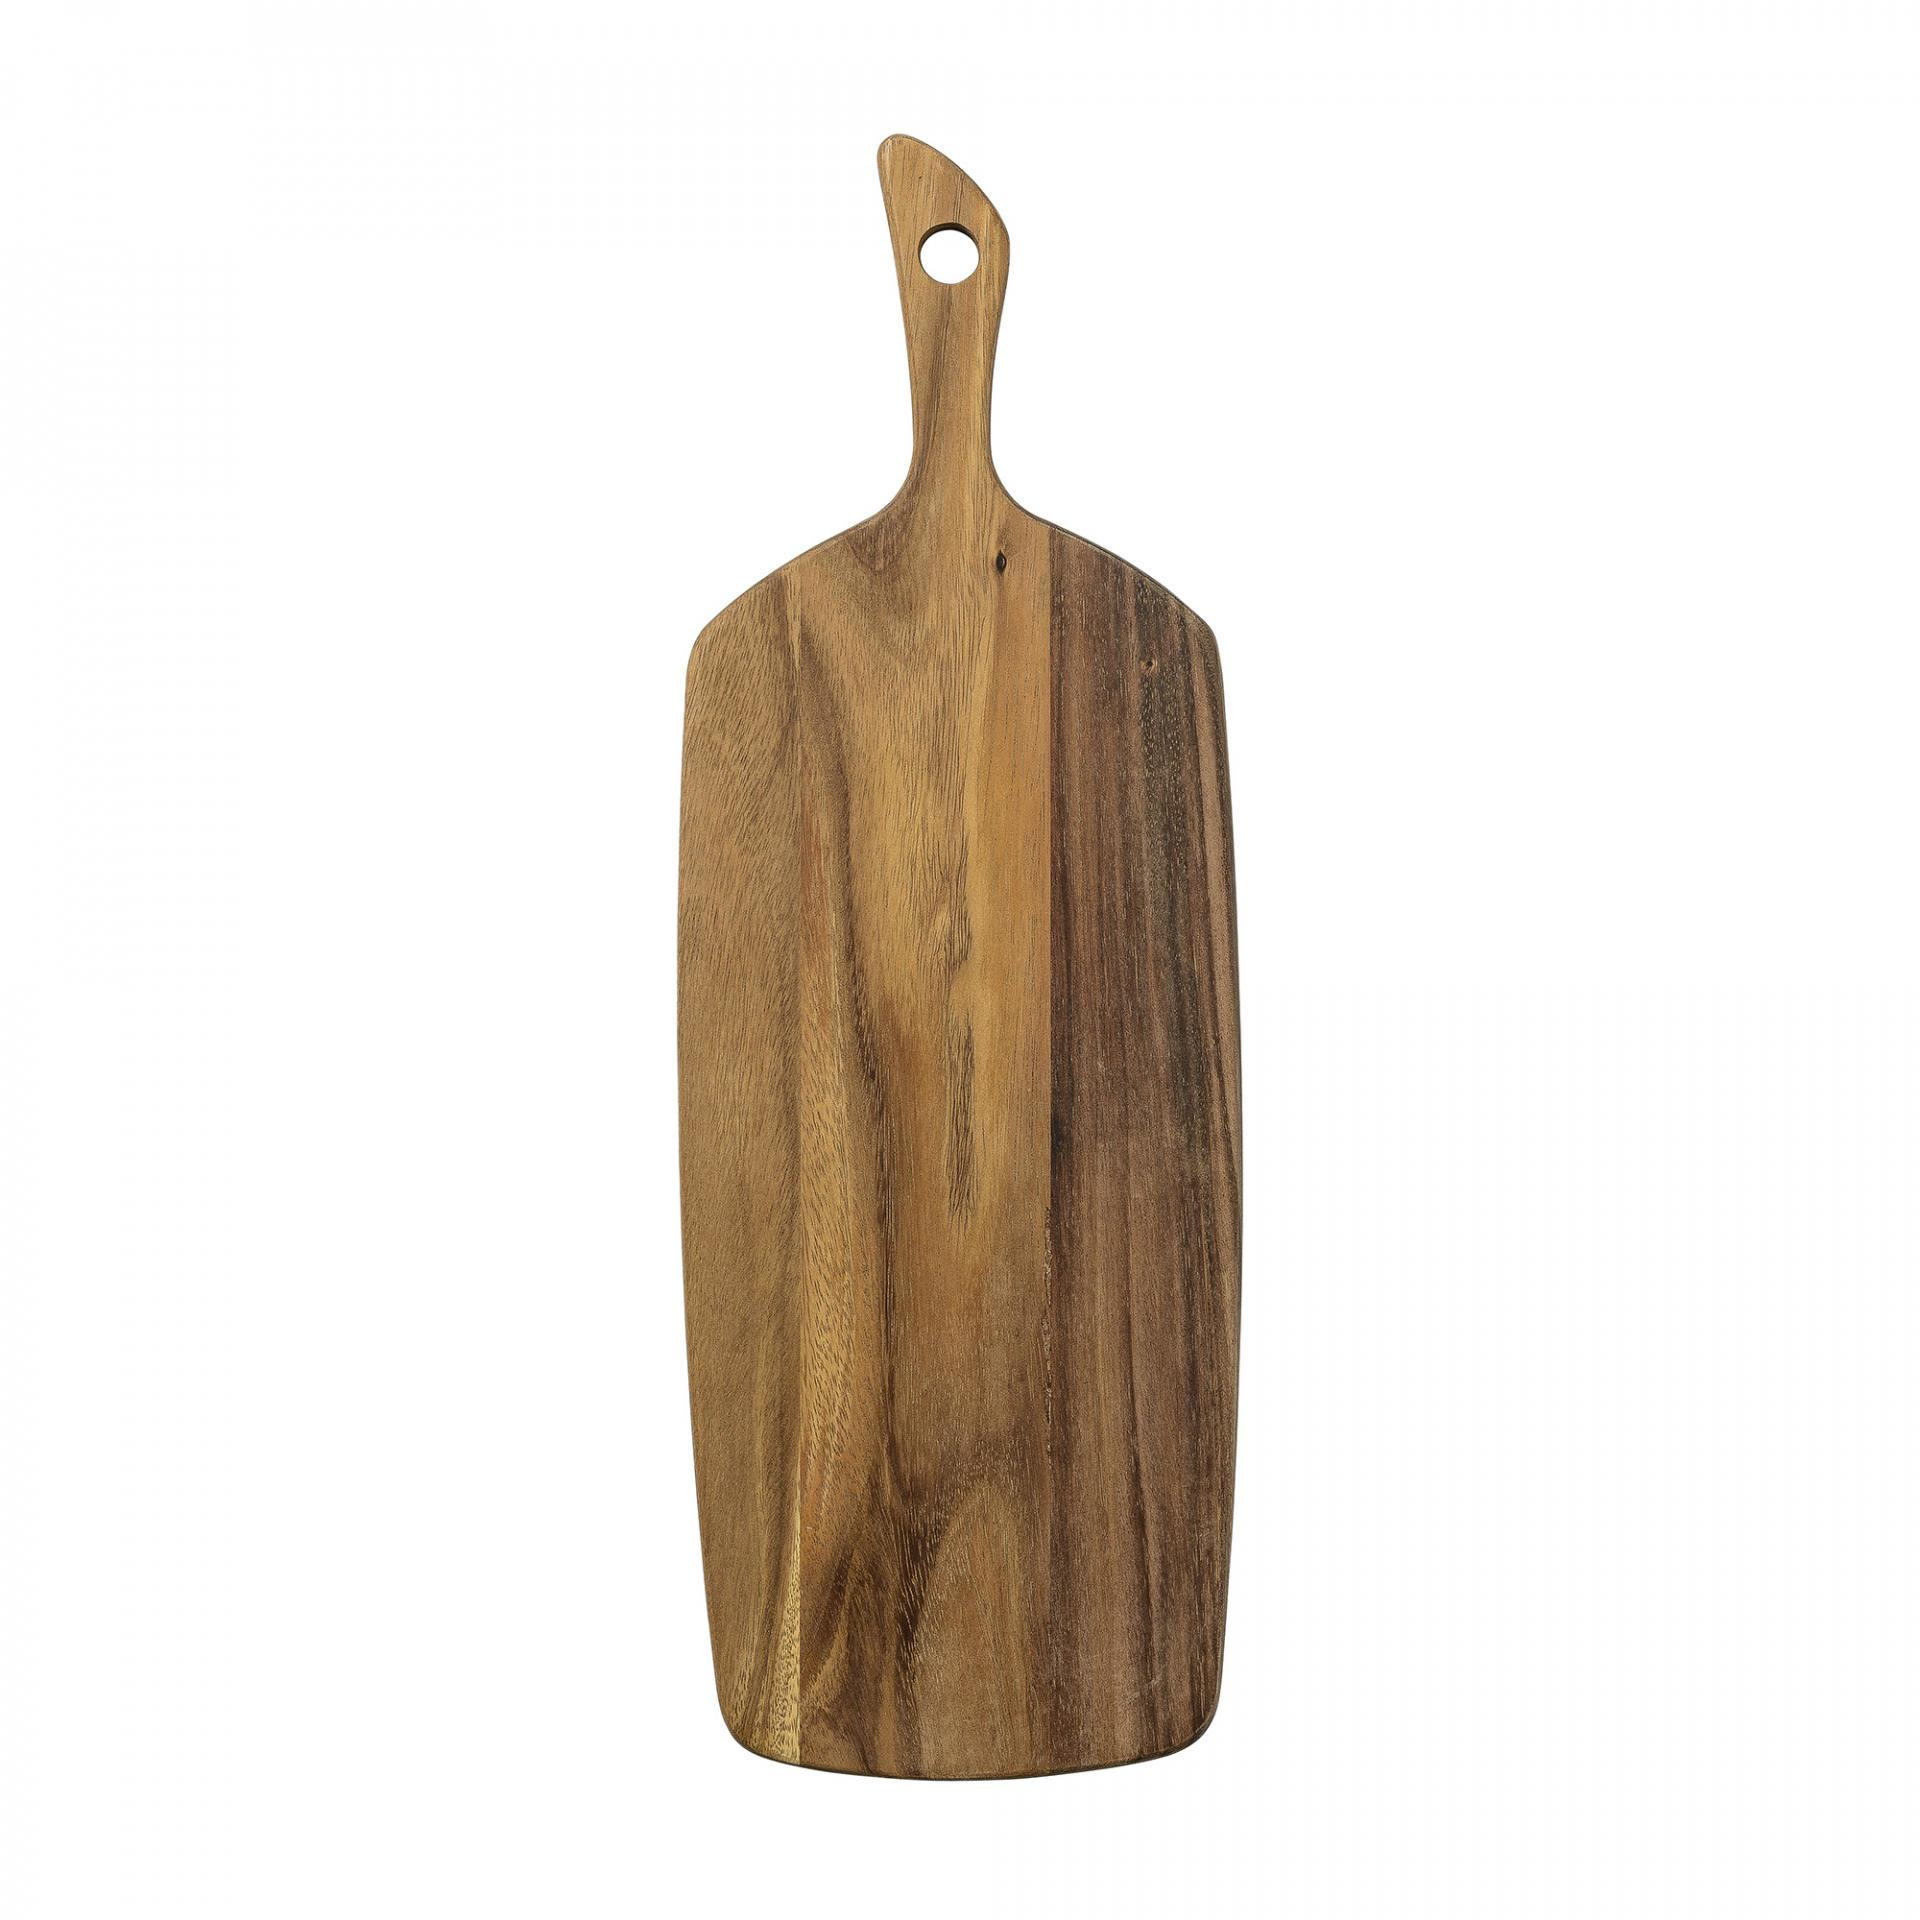 Bloomingville Dřevěné prkénko Nature užší, hnědá barva, dřevo